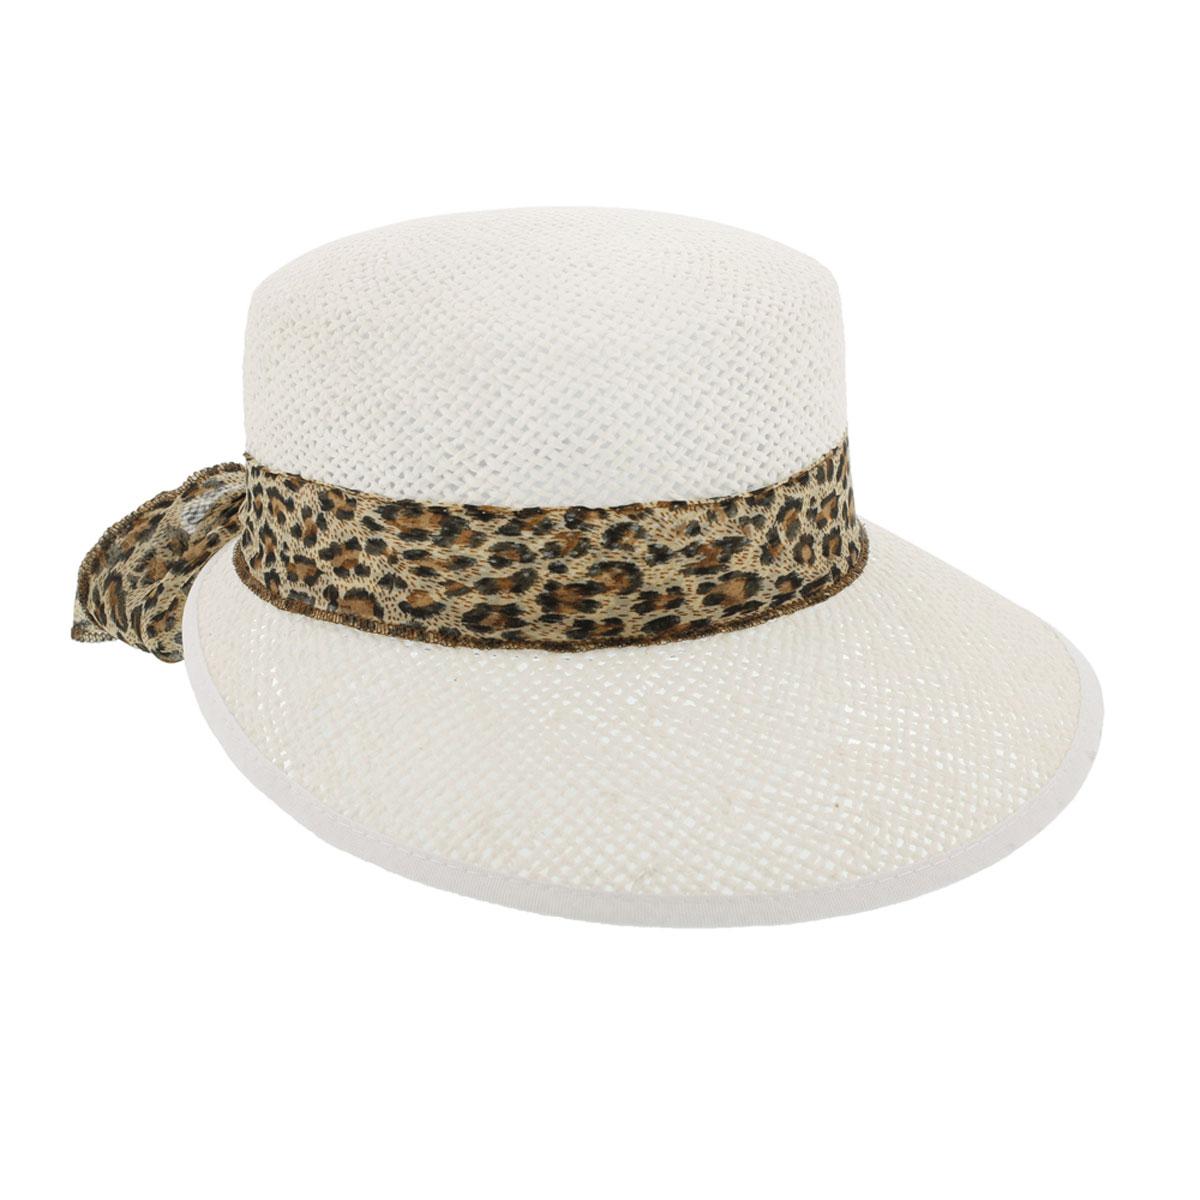 Шляпа77-129-17Летняя женская шляпа R.Mountain Penny станет незаменимым аксессуаром для пляжа и отдыха на природе. Такая шляпка не только защитит вас от солнца, но и станет стильным дополнением вашего образа. Шляпа оформлена небольшим металлическим логотипом фирмы и эффектной лентой вокруг тульи. Поле шляпы сужается к затылку, что обеспечивает необходимую вентиляцию и комфорт даже в самый знойный день. Шляпа легко восстанавливает свою форму после сжатия. Эта элегантная легкая шляпка подчеркнет вашу неповторимость и дополнит ваш повседневный образ.